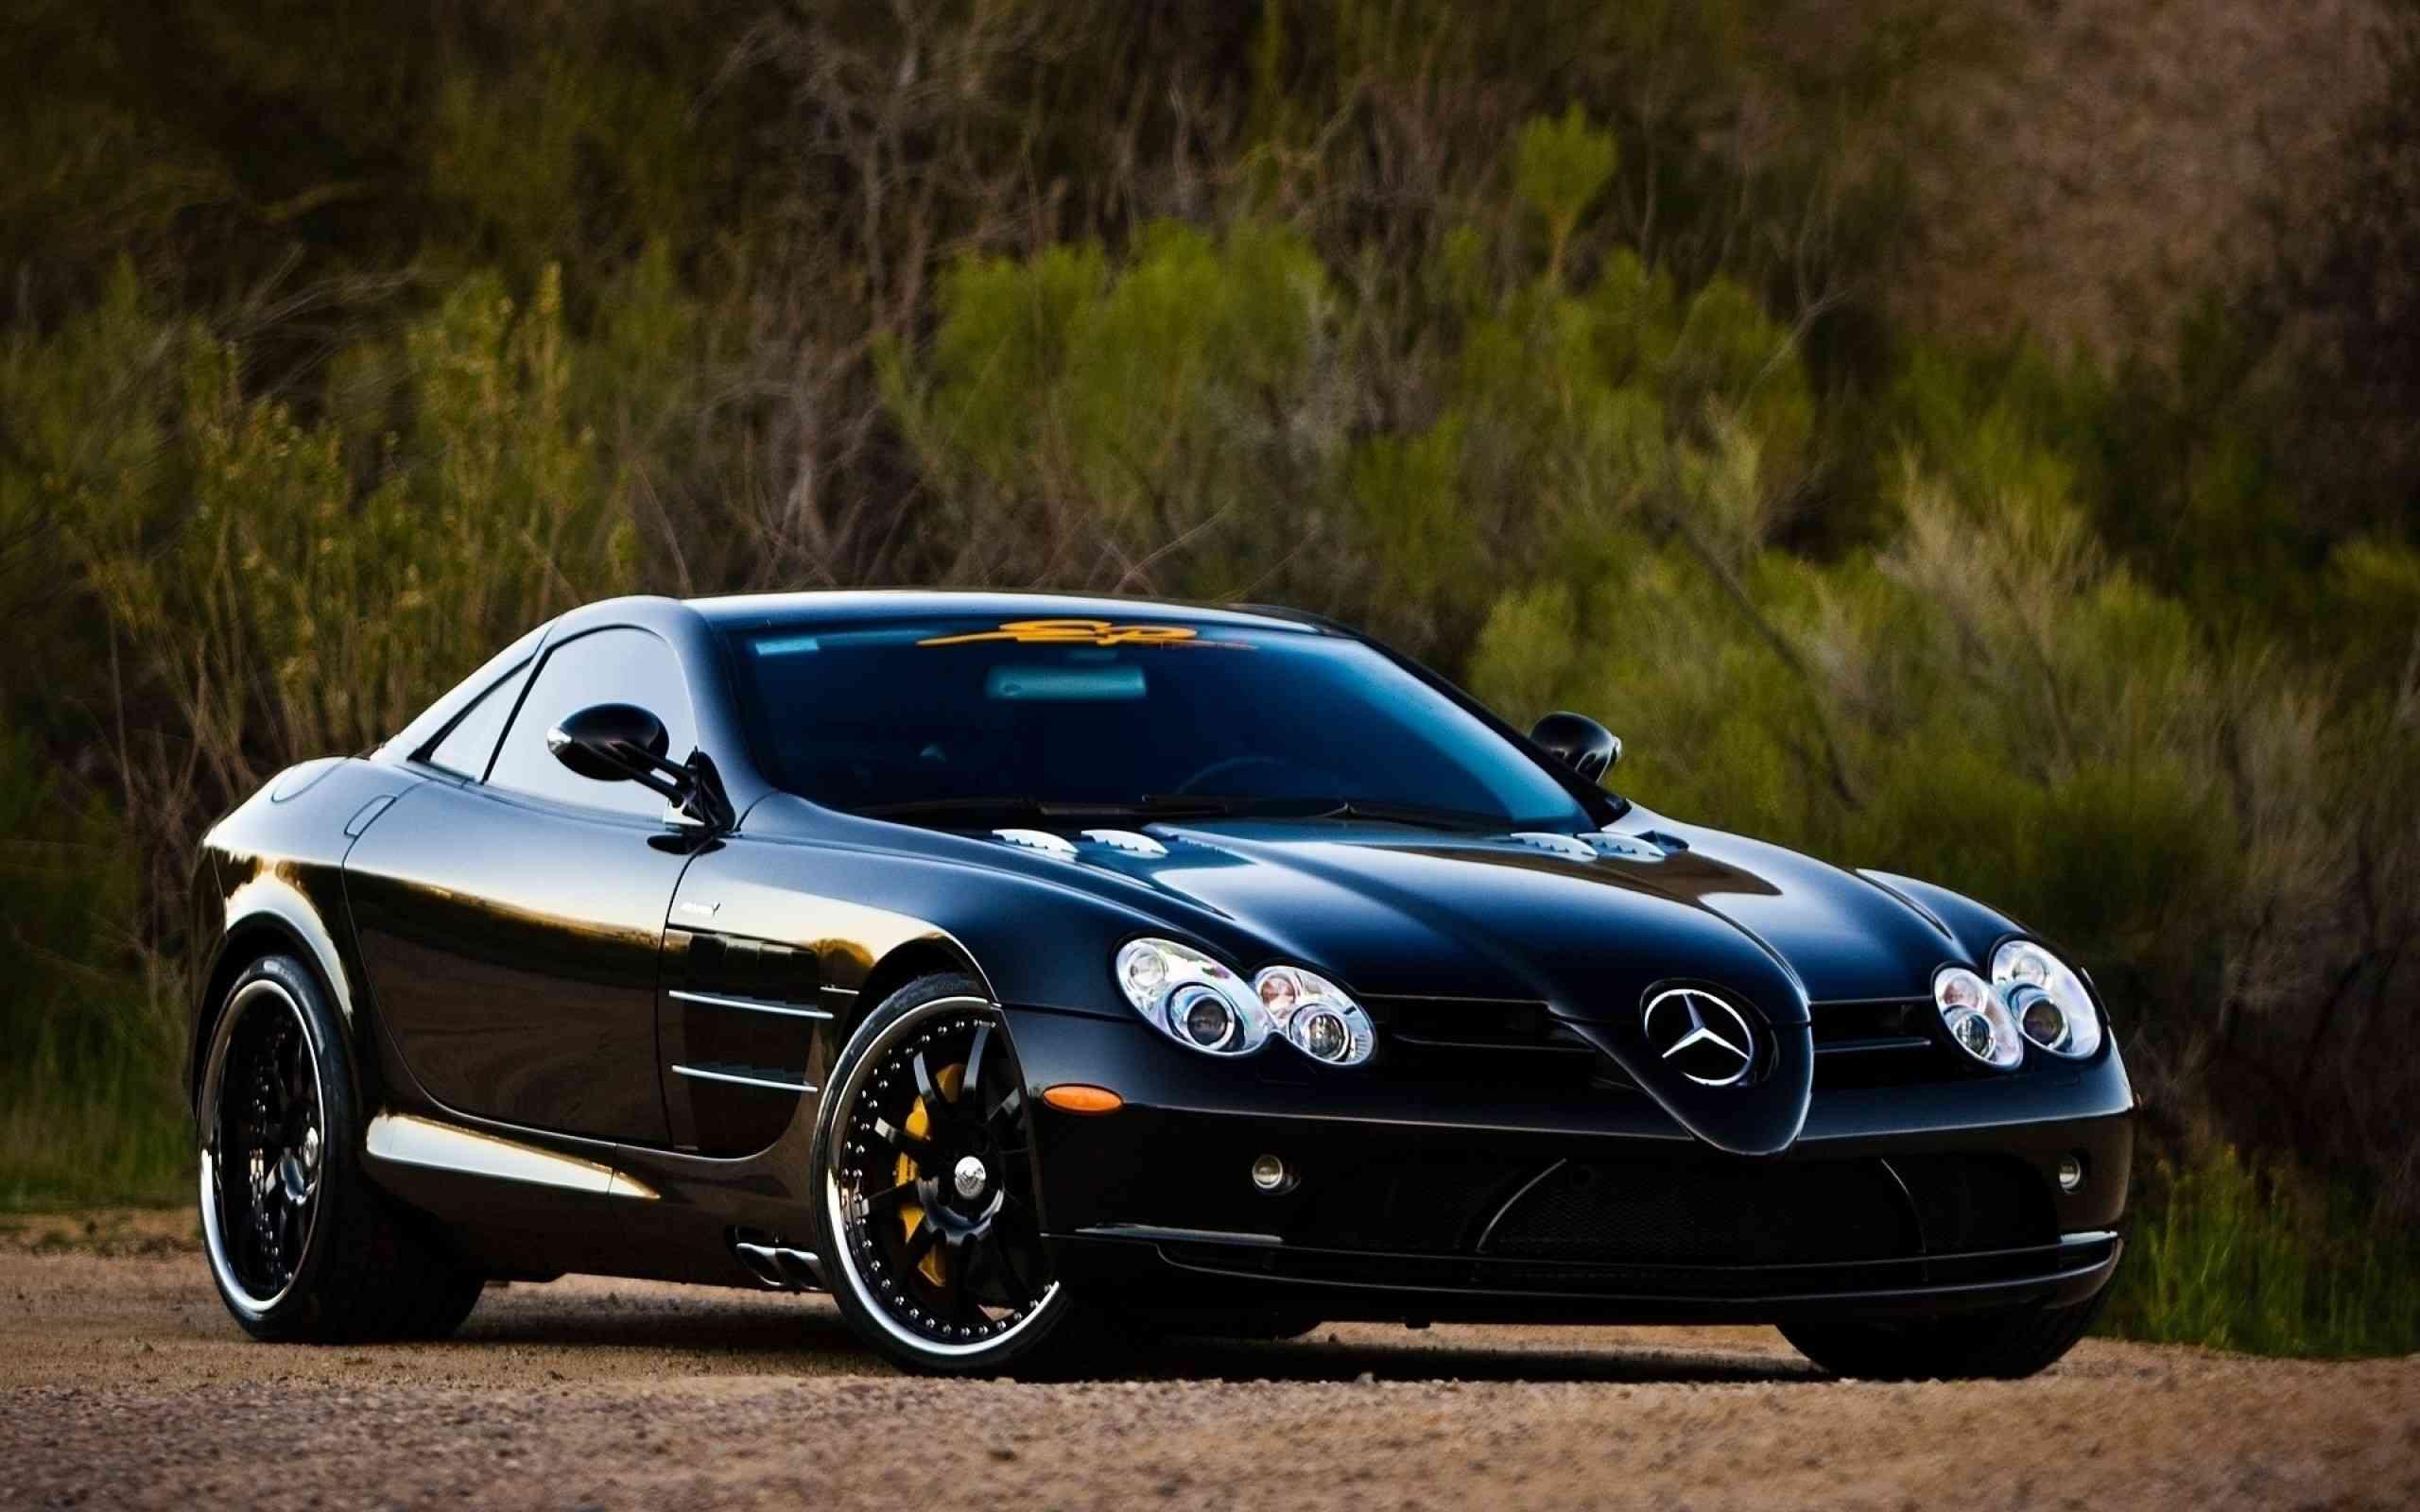 خلفيات الافخام سيارات  / Mercedes  26220810